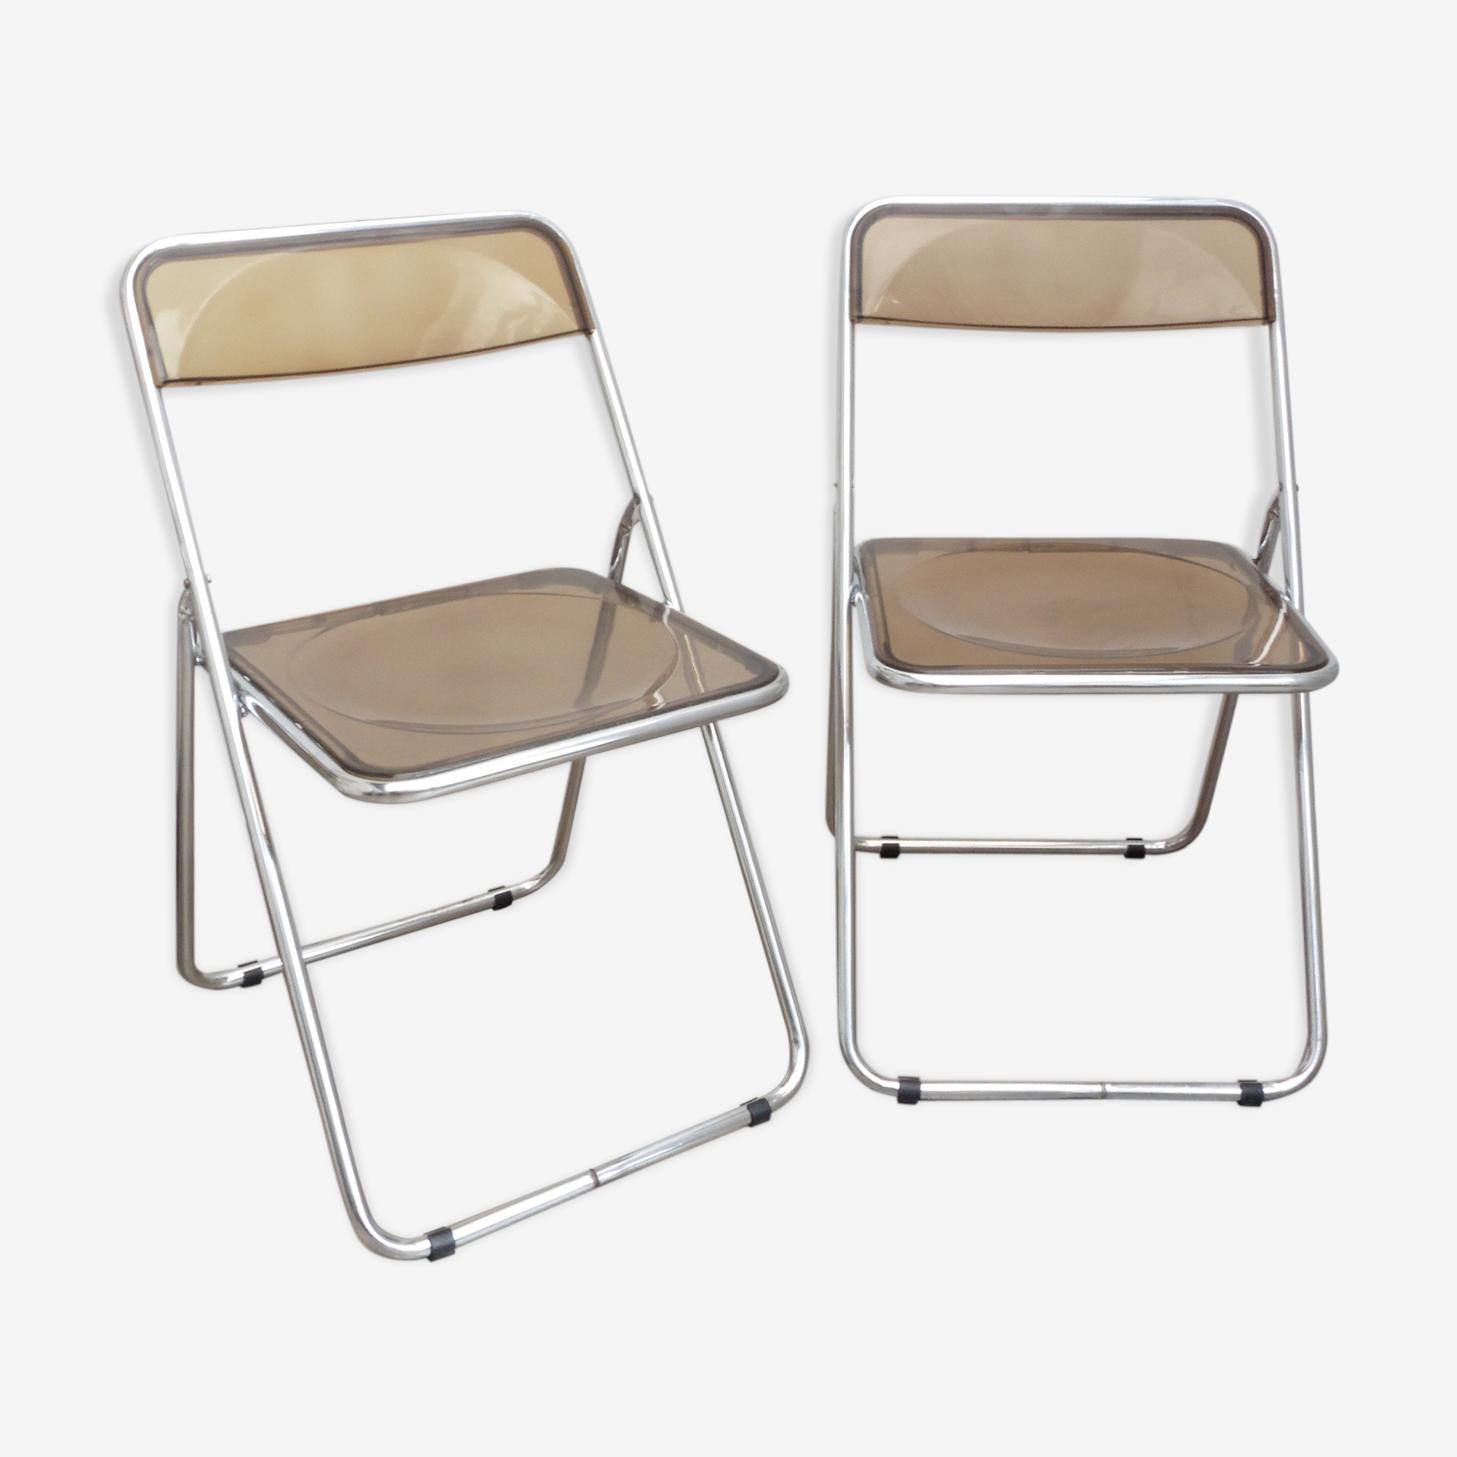 2 chairs folding plexiglass smoked